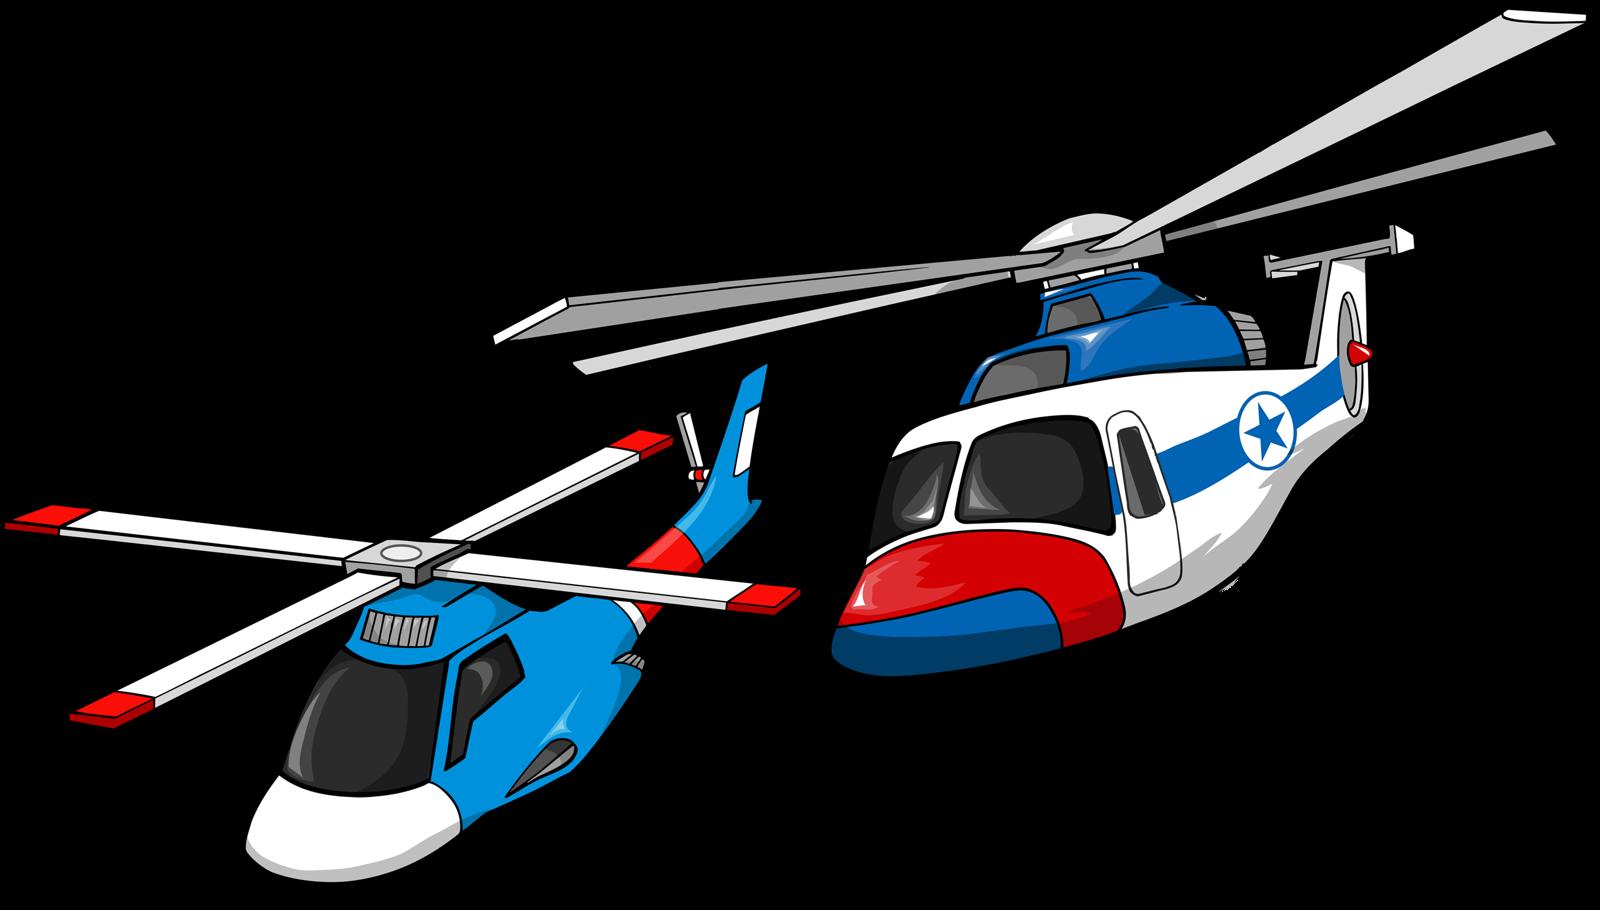 картинка рисунок вертолета первой формовки